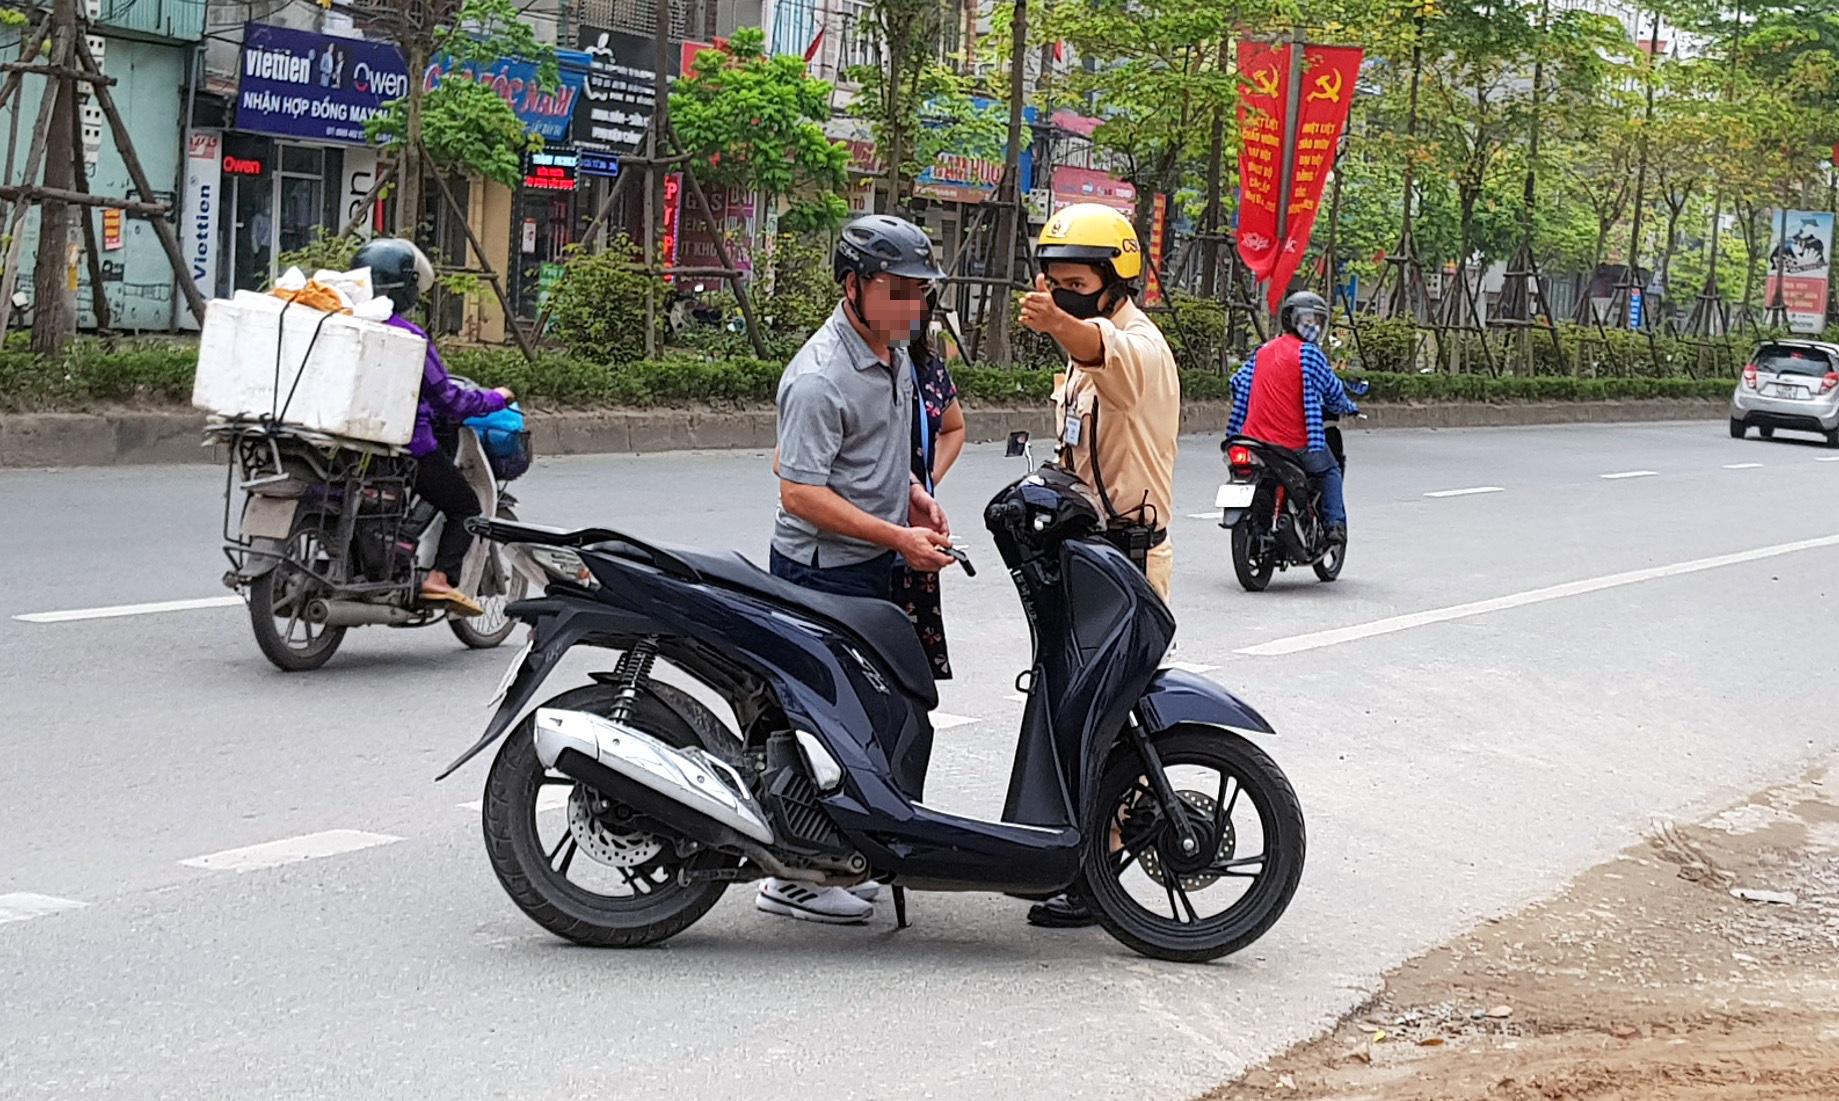 Hà Nội: Bị thu xe vì uống 1 lon bia rồi đi… đổ xăng - Ảnh 7.